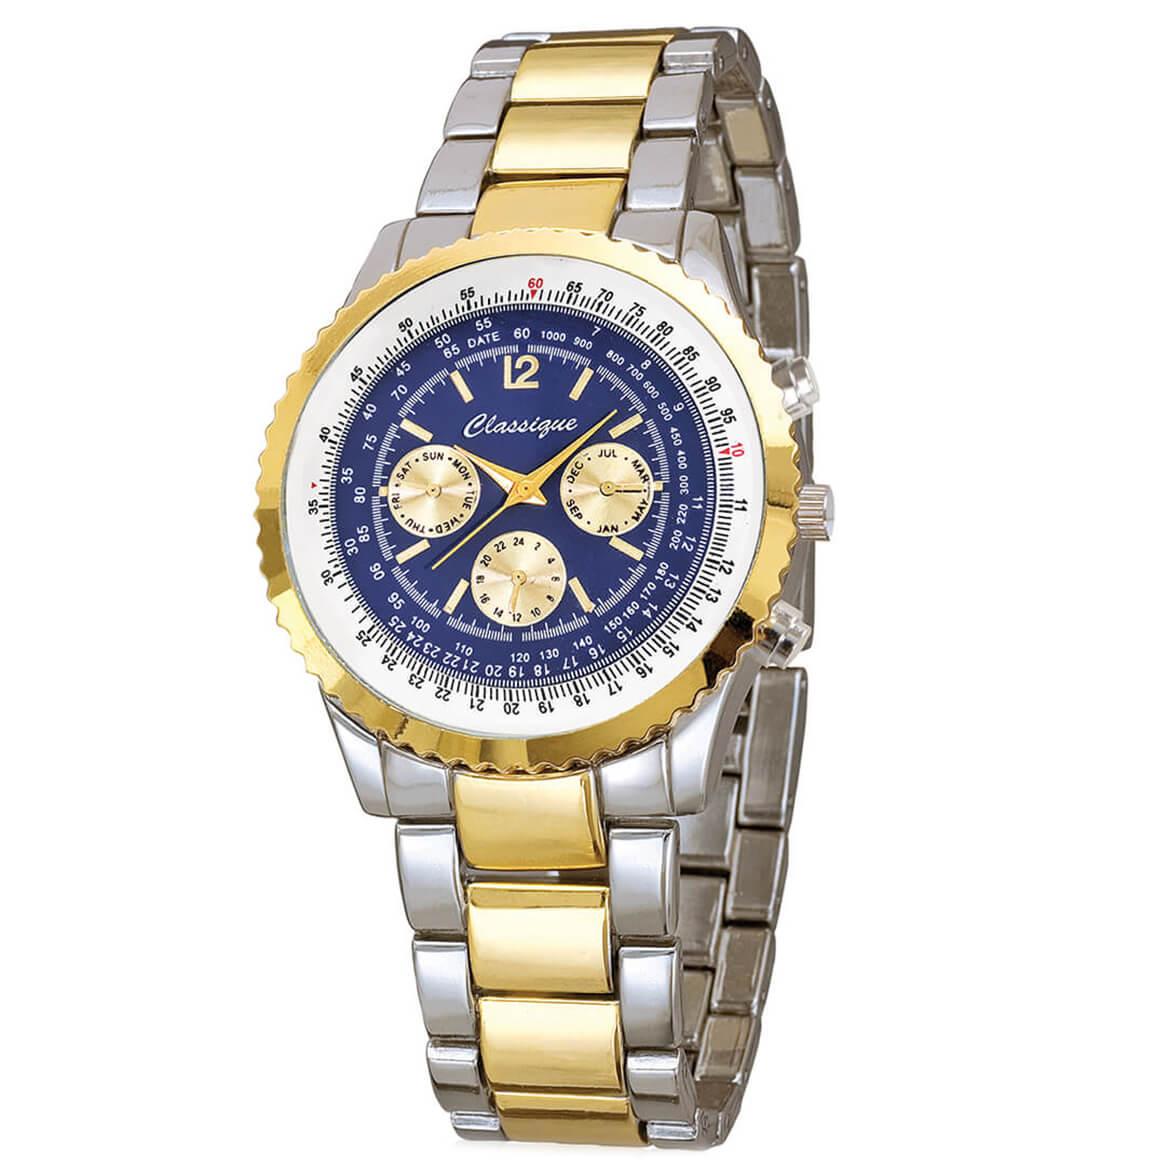 Classique Chronograph Style Bracelet Watch-370225